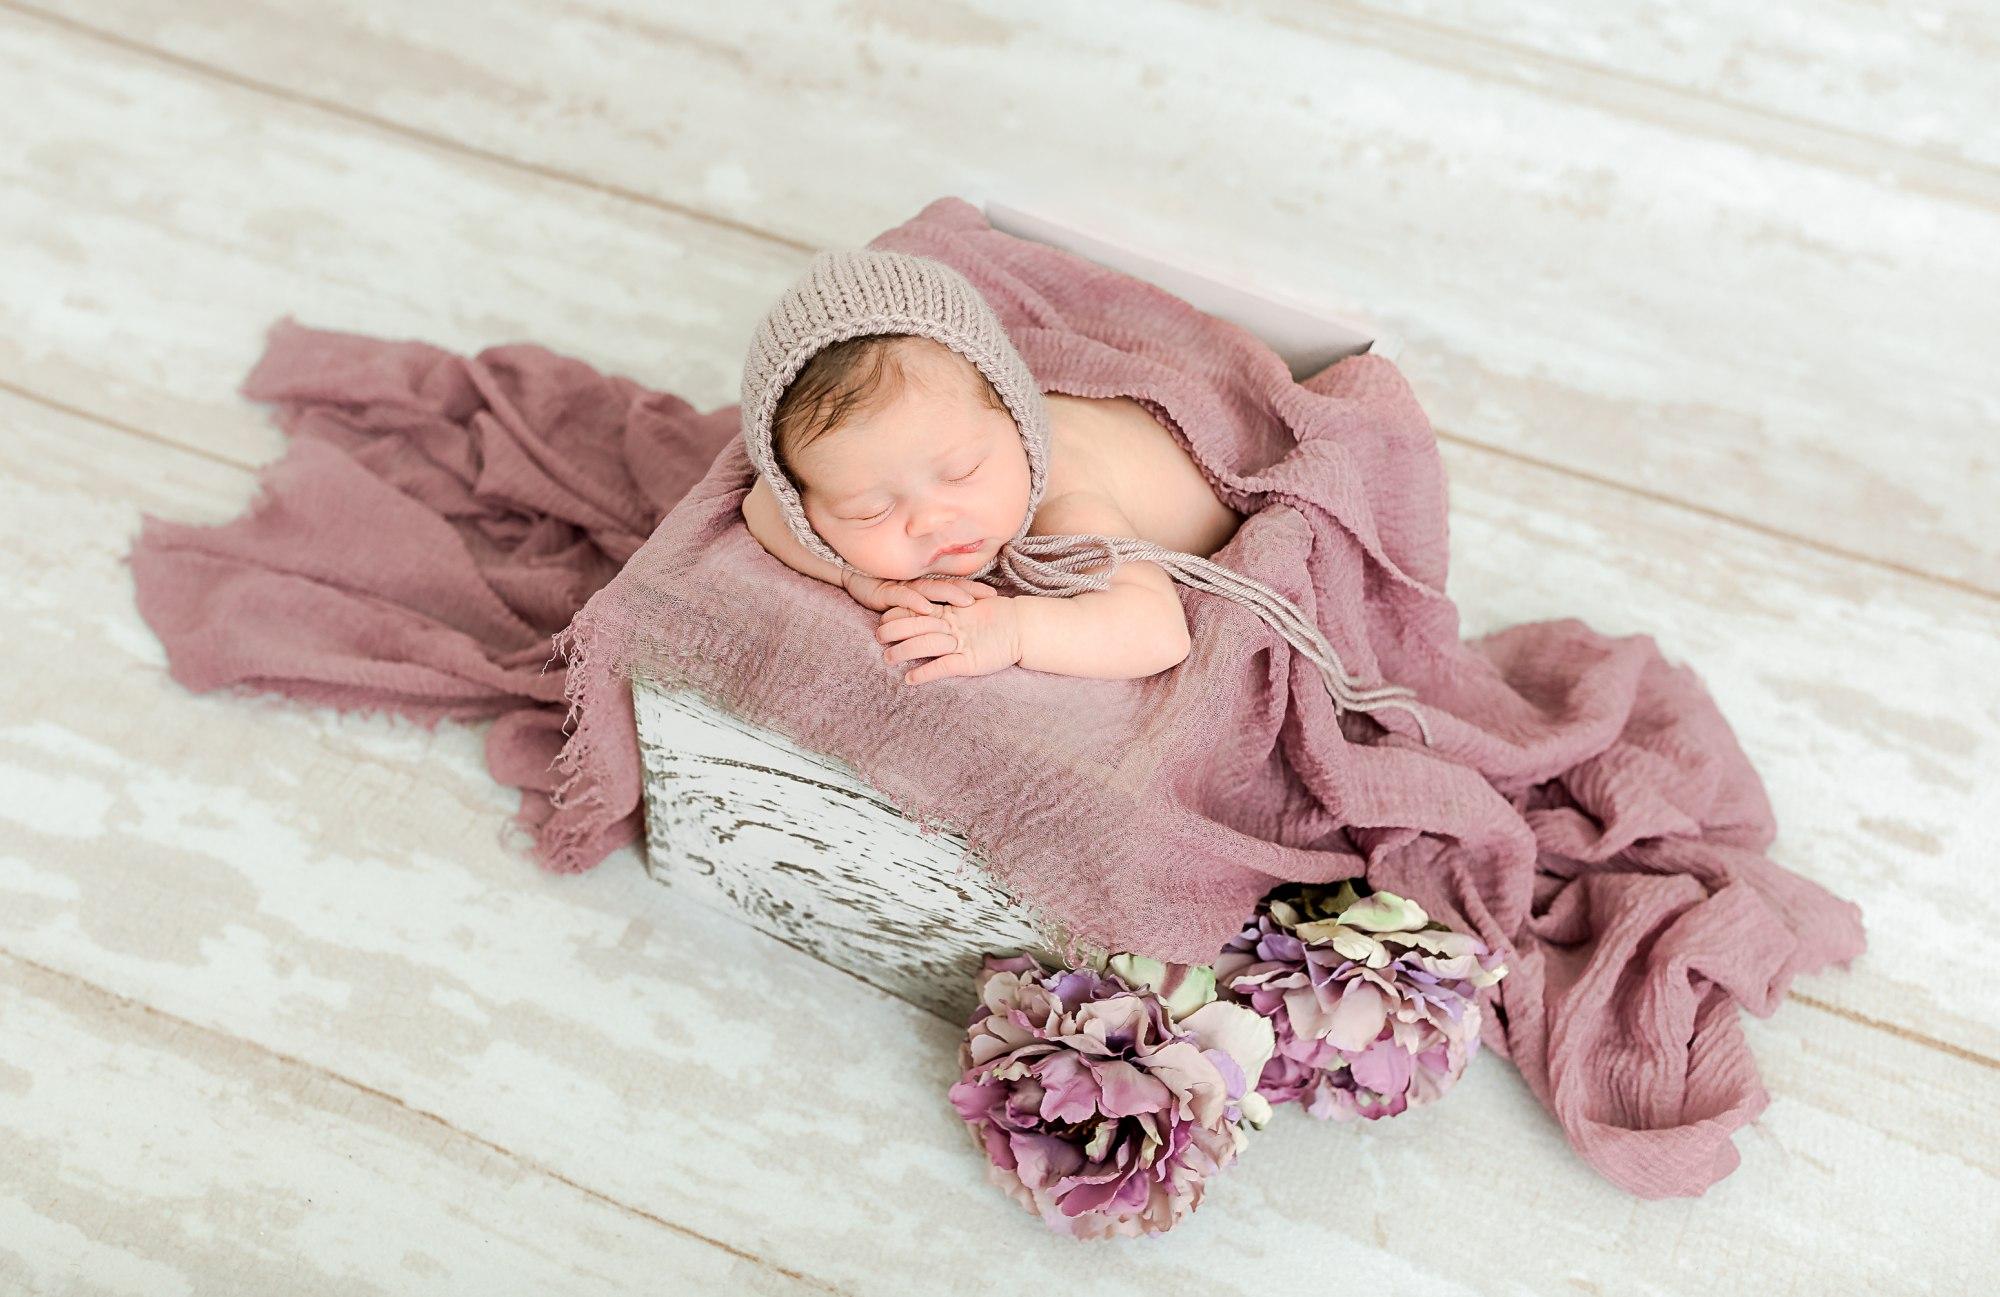 Whitehall Newborn Photographer Baby GIrl